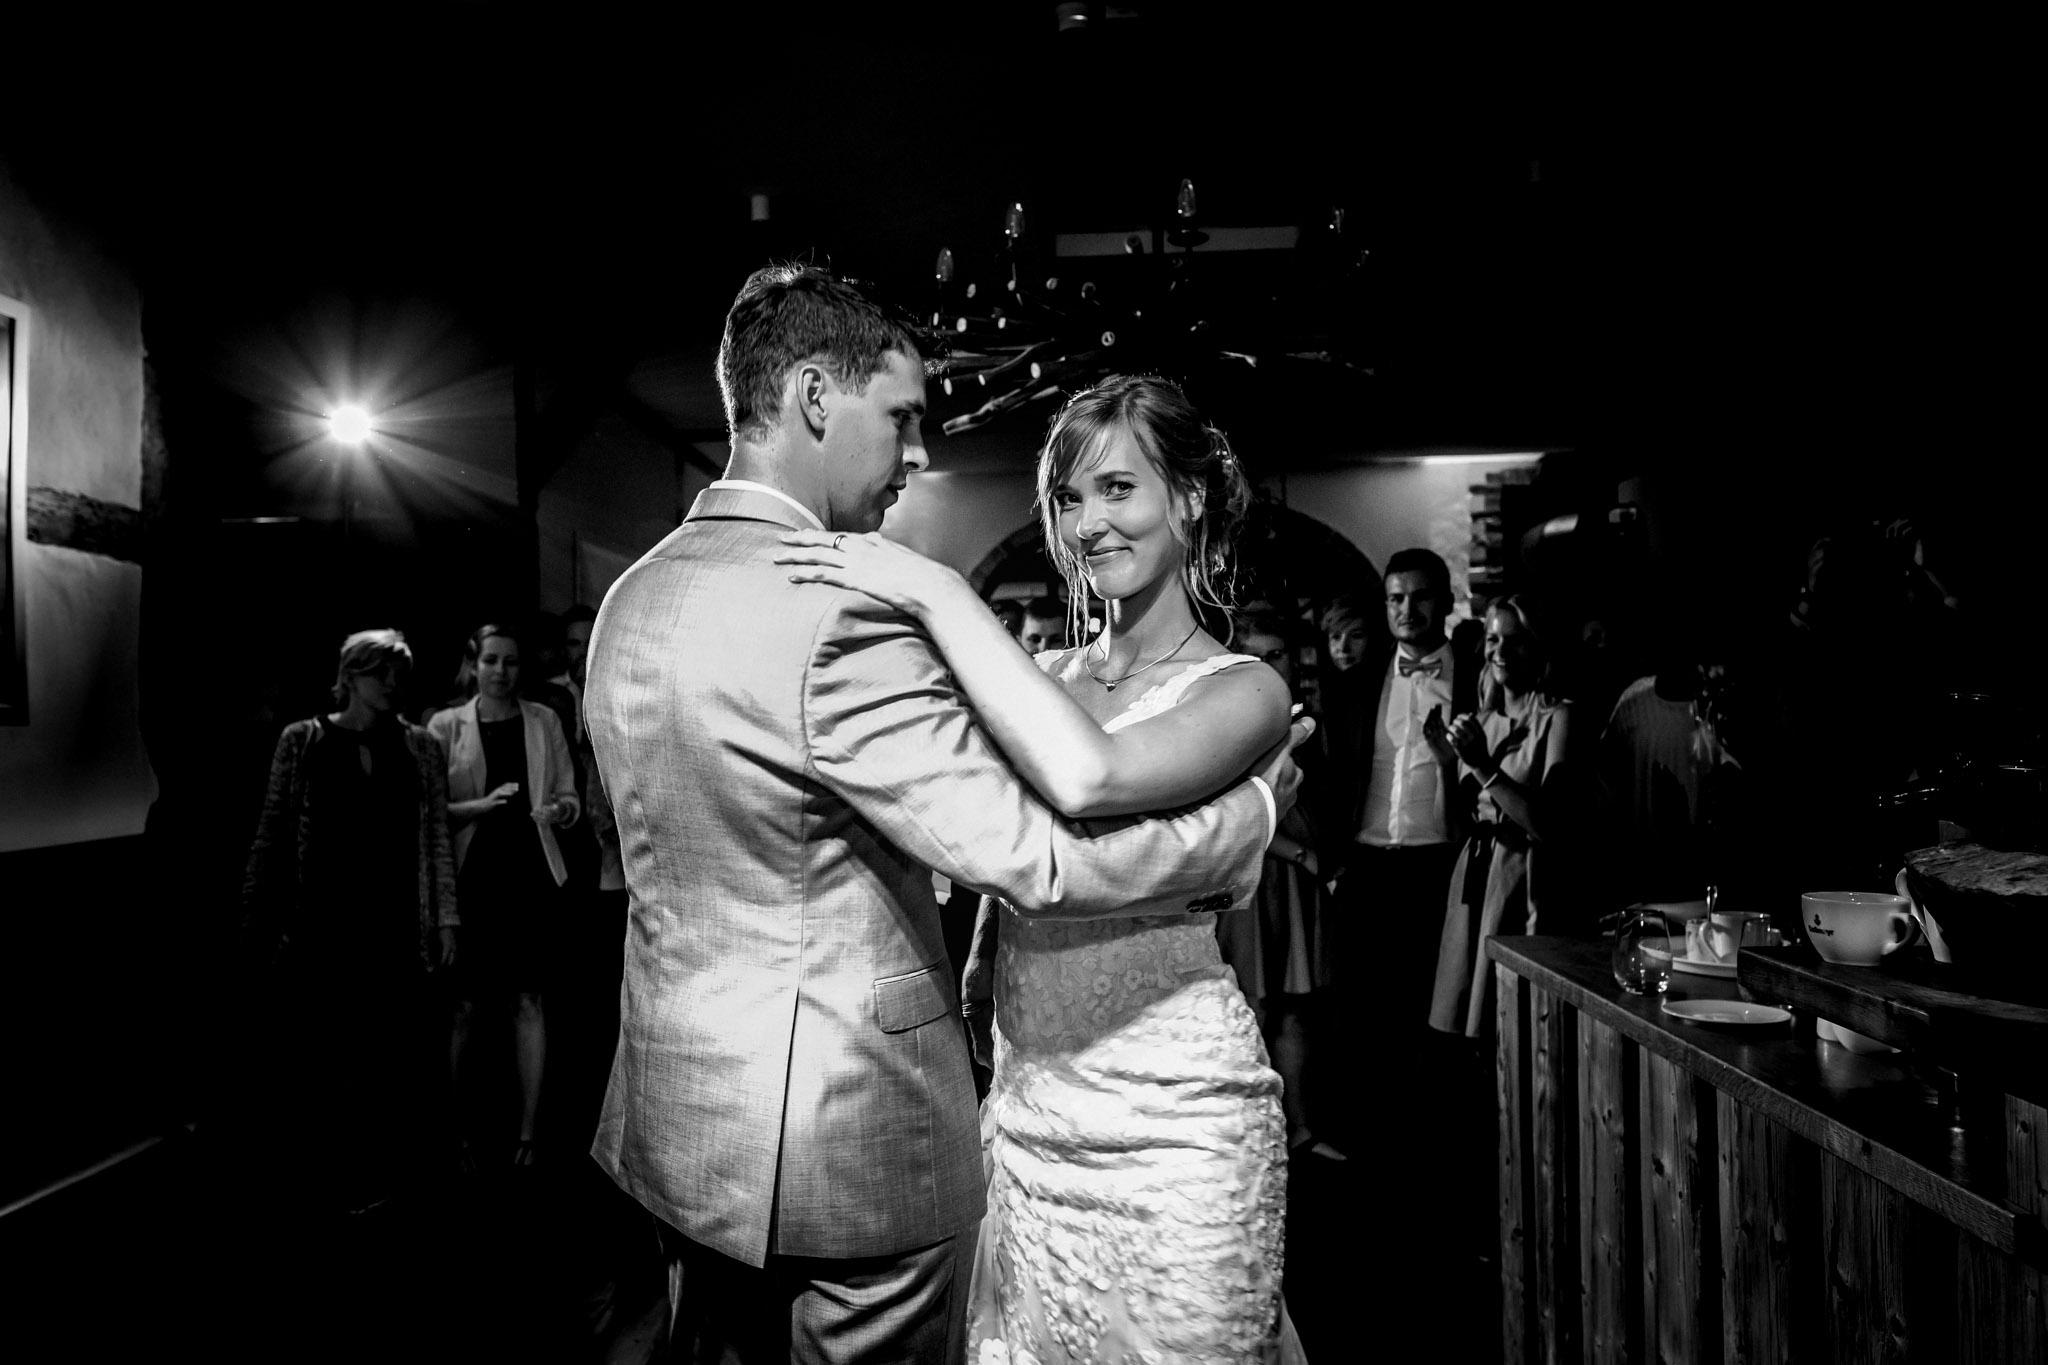 Sven Schomburg Hochzeitsfotografie, Hamburg, Mölln, Hochzeitsfieber by Photo-Schomburg, Hochzeitsreportage, Forsthaus Waldhusen, Braut, Bräutigam-91